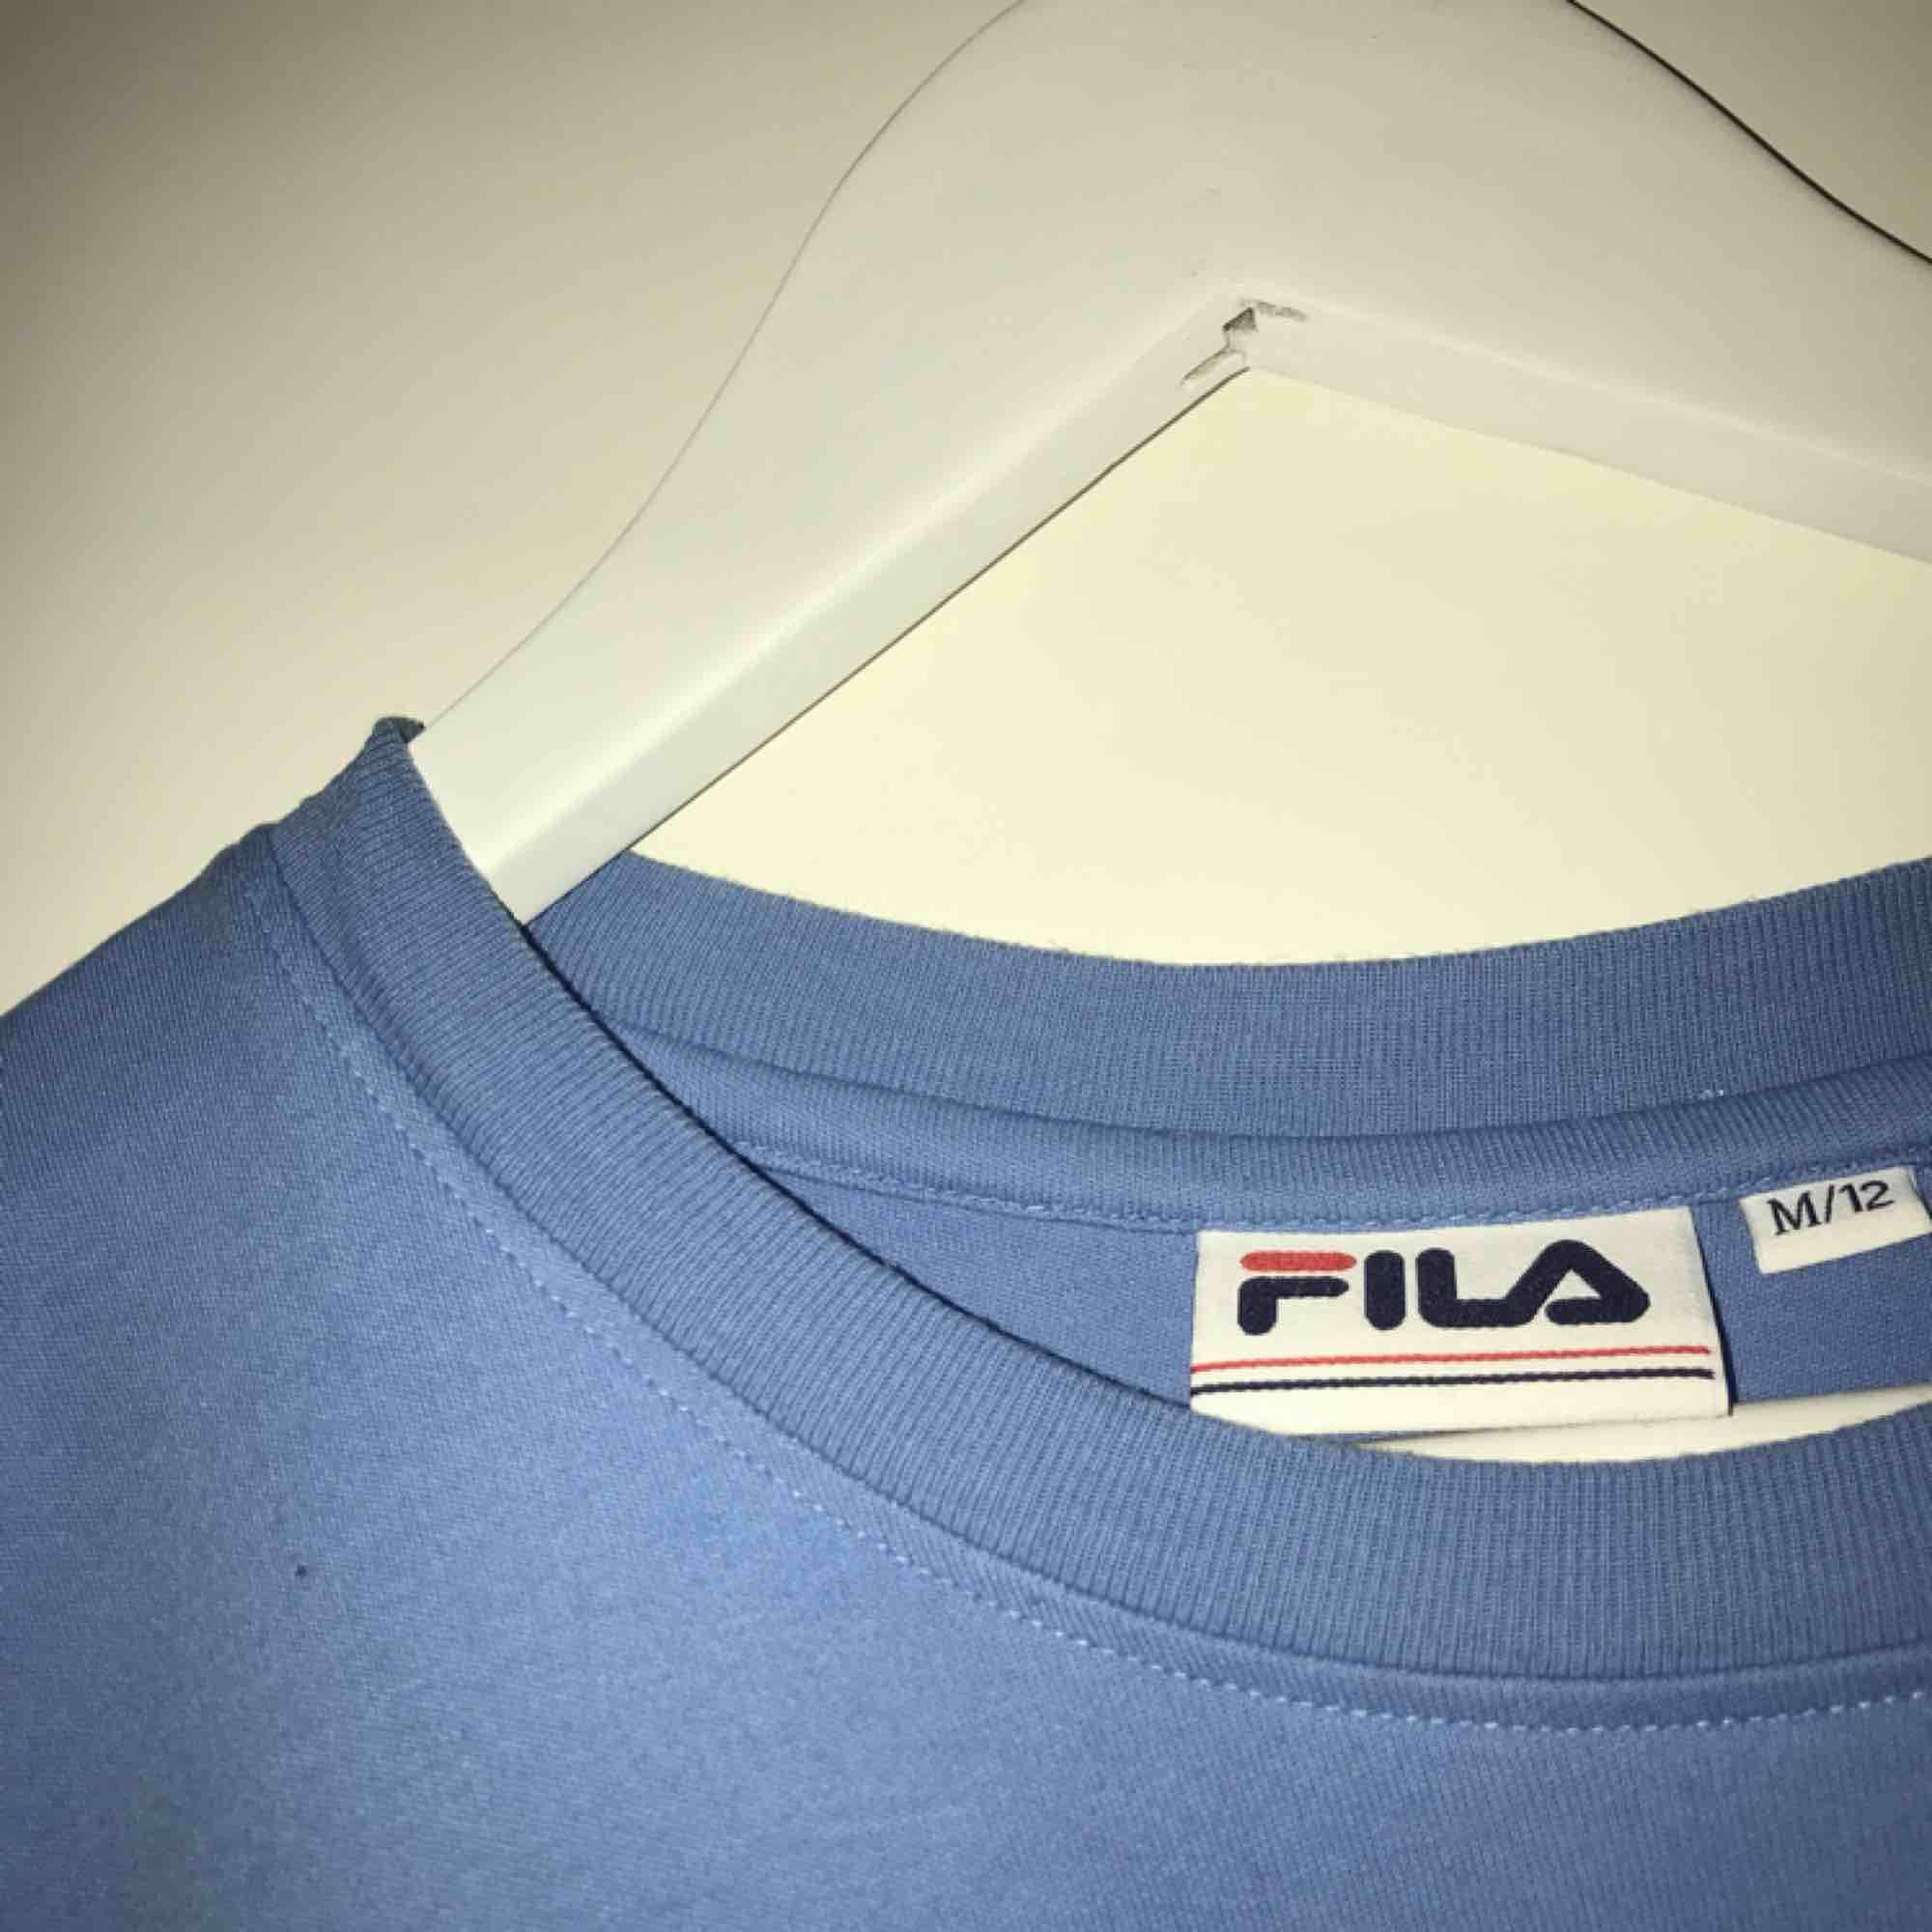 Säljer en Fila tröja som jag inte har använd alls mycket för att den är för stor för mig:) men det är en fin tröja och vi kan diskutera pris. Köparen står för frakten. T-shirts.